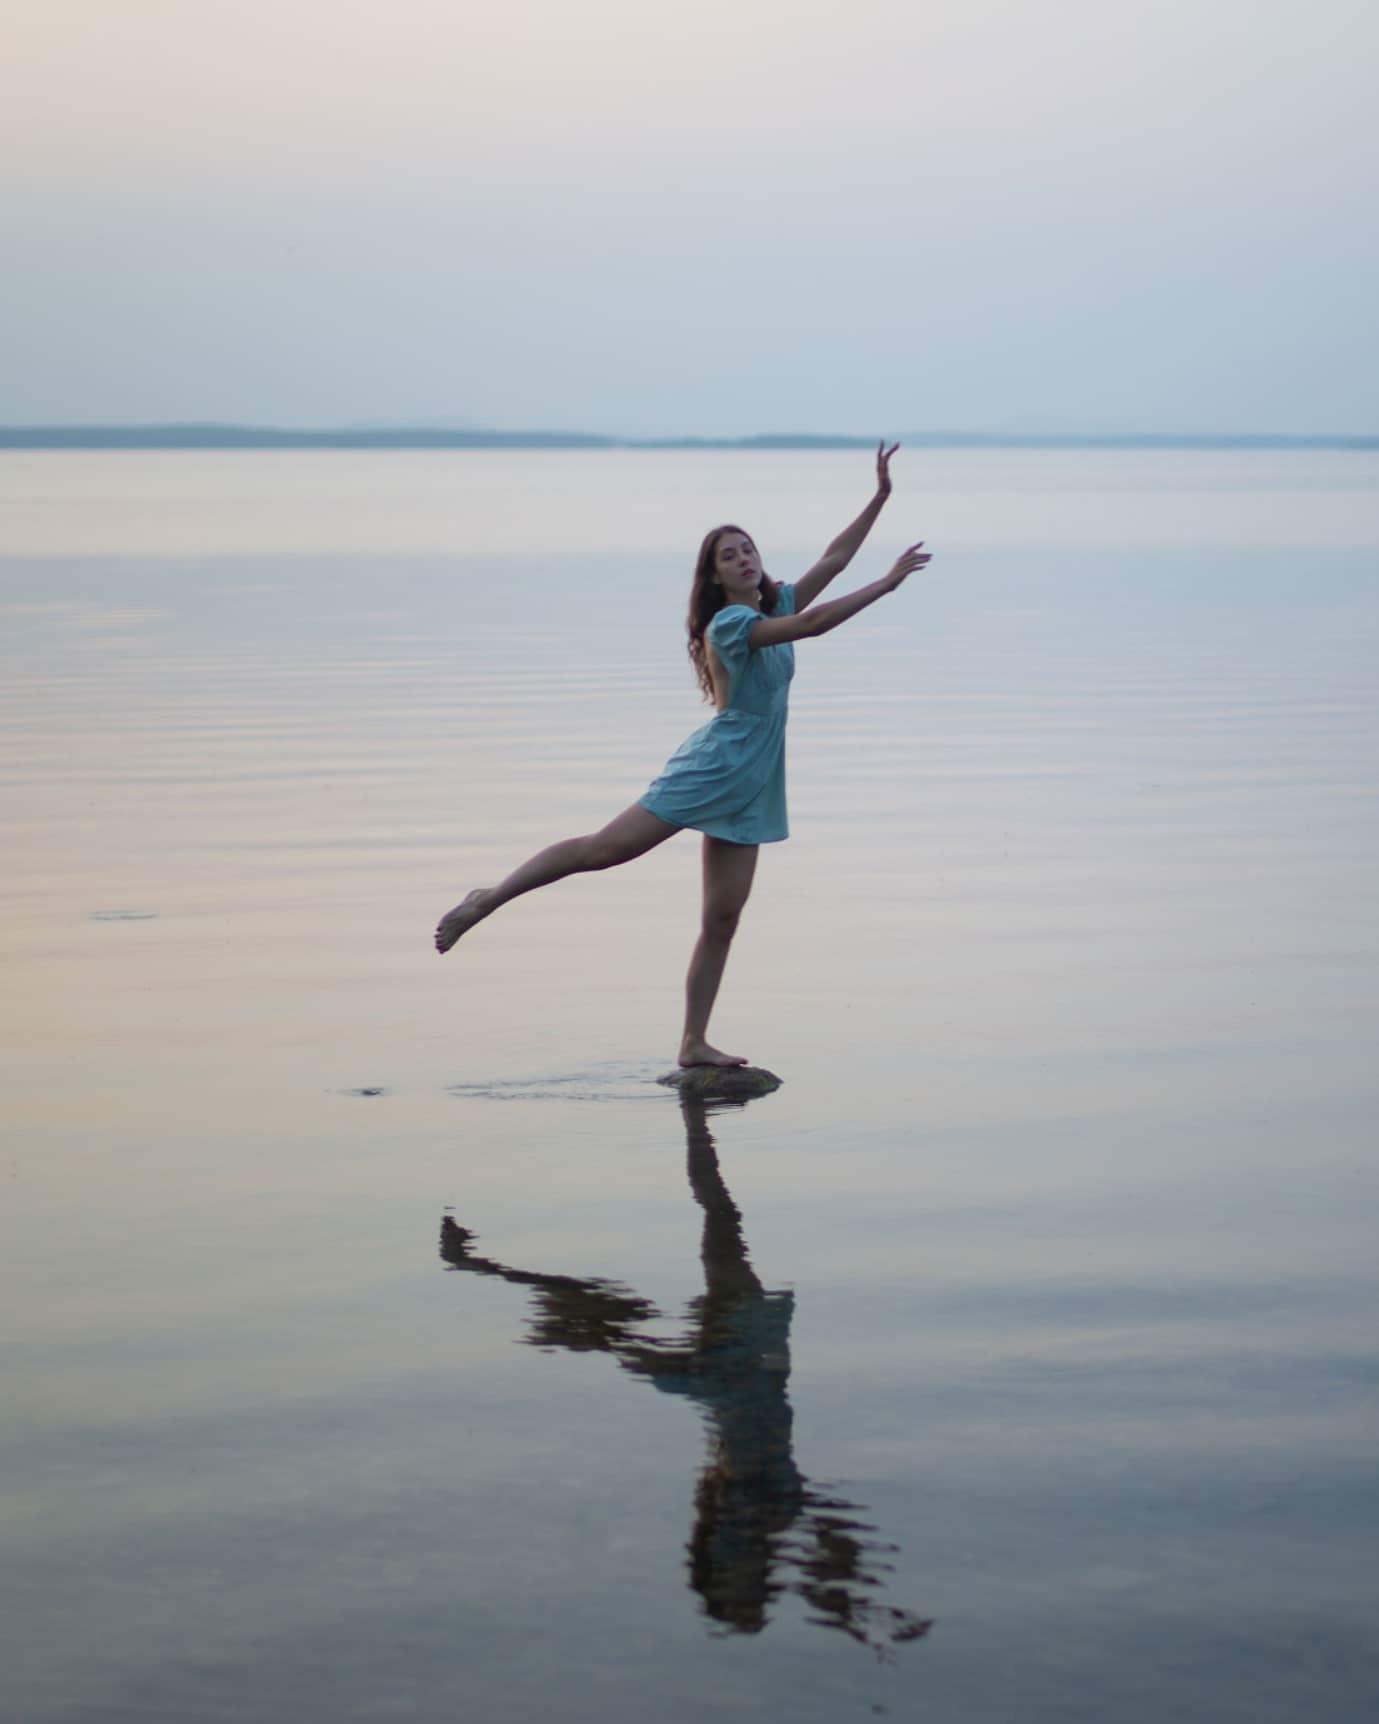 https://www.youngfolks.ru/pub/model-yelizaveta-lisova-photographer-andrey-pshenichnikov   #youngfolks #youngfolksru #youngfolks_ru #yngflks #yngfolks #YF:VBAVHUDW63